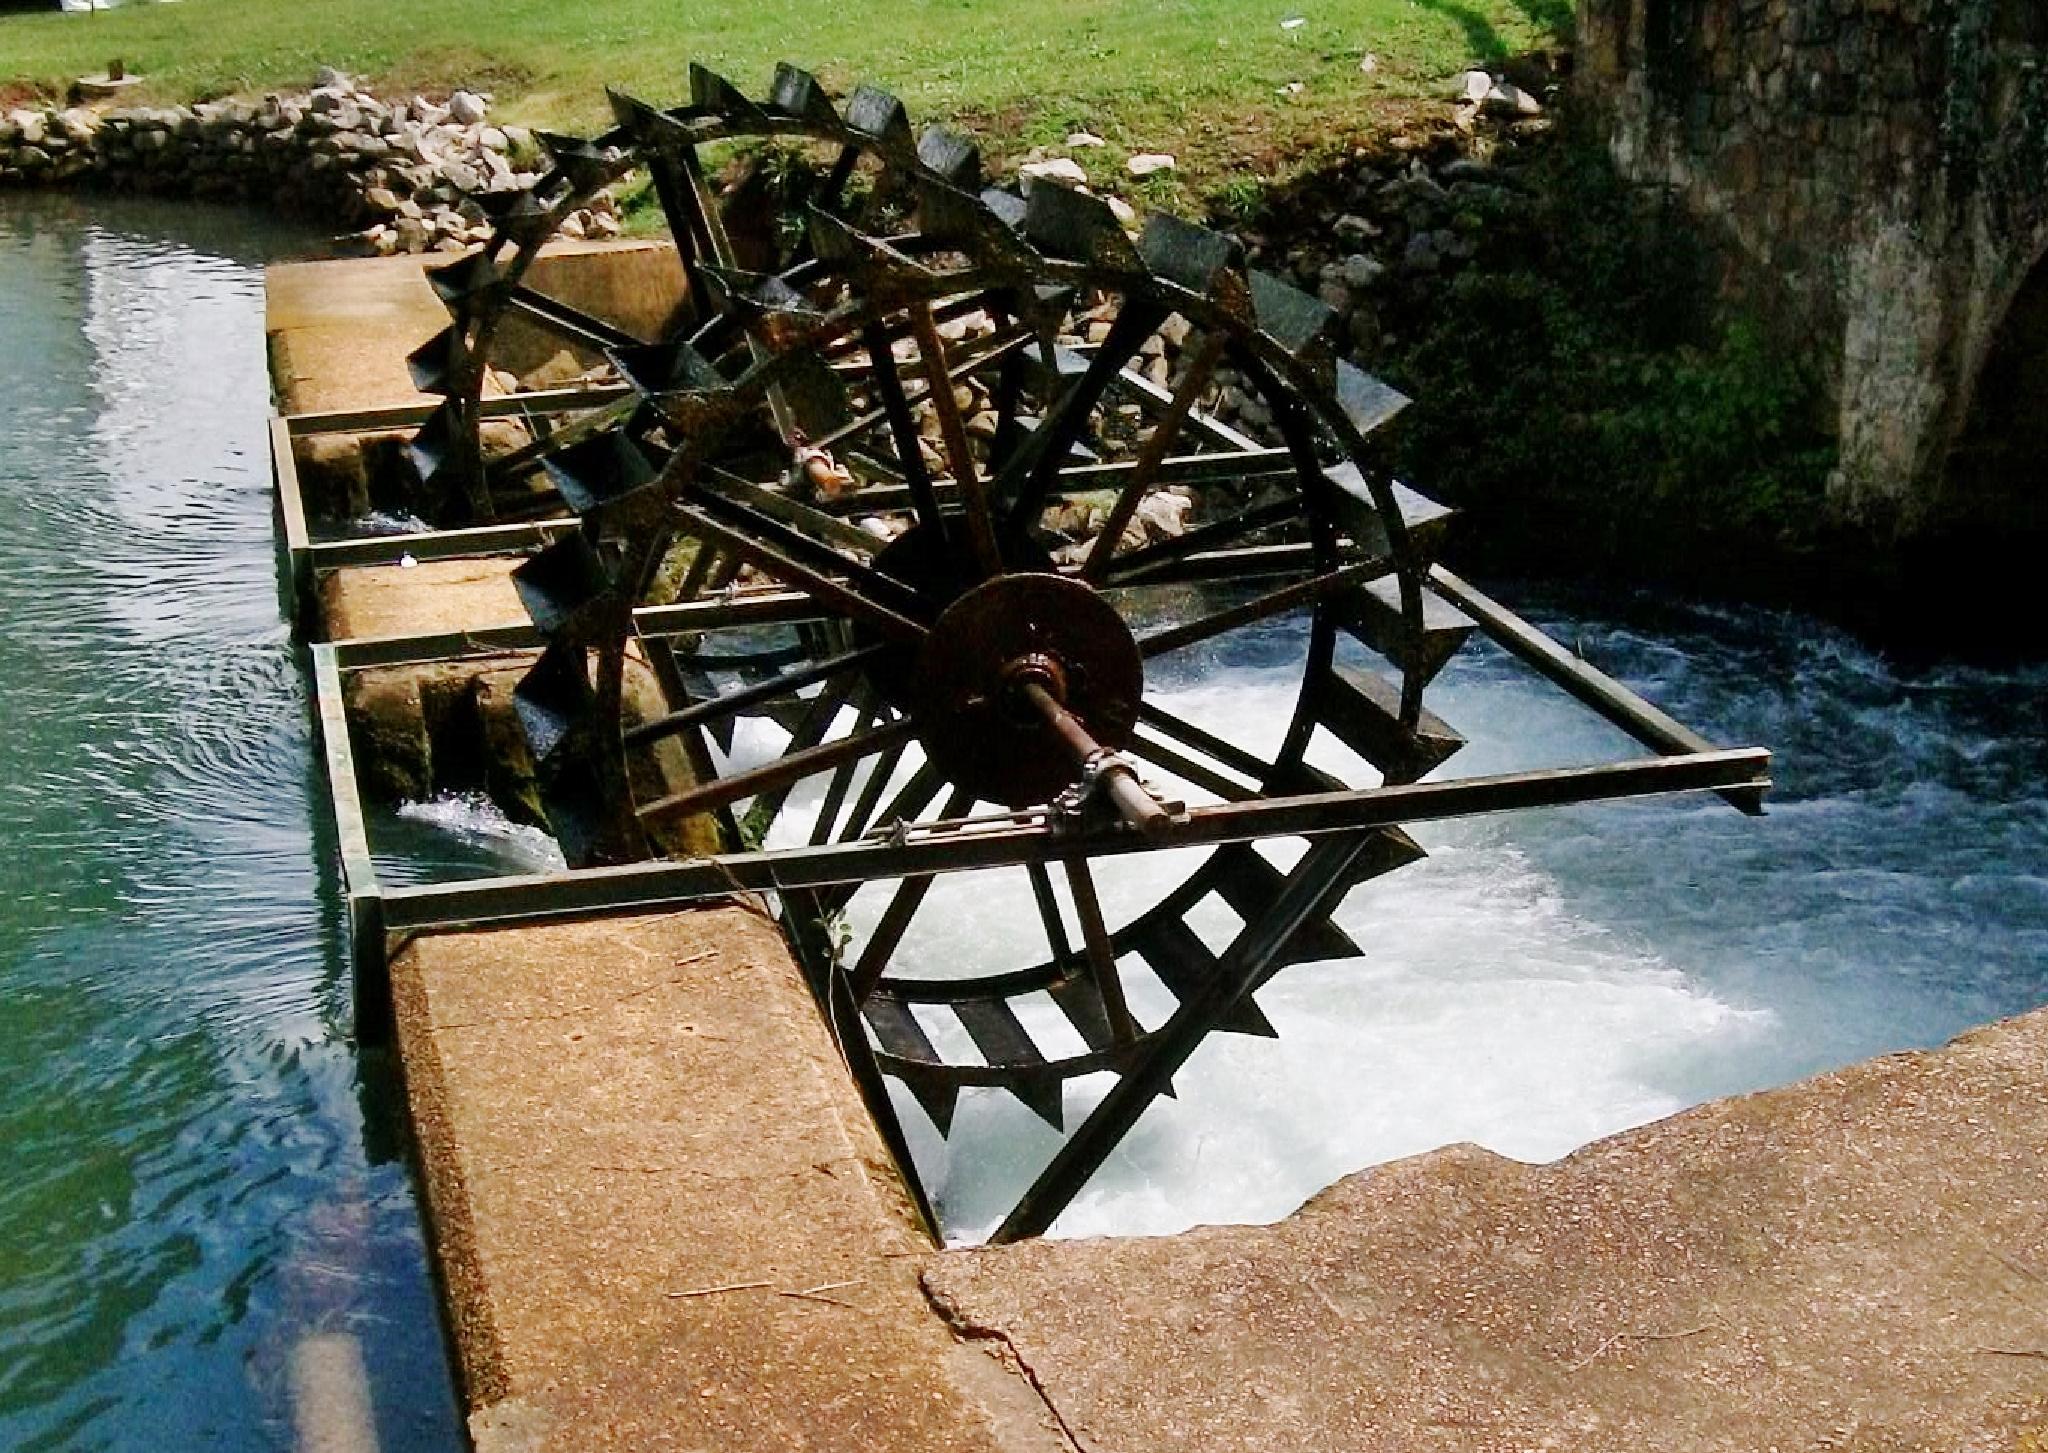 Waterwheel by linda.bishop.374549